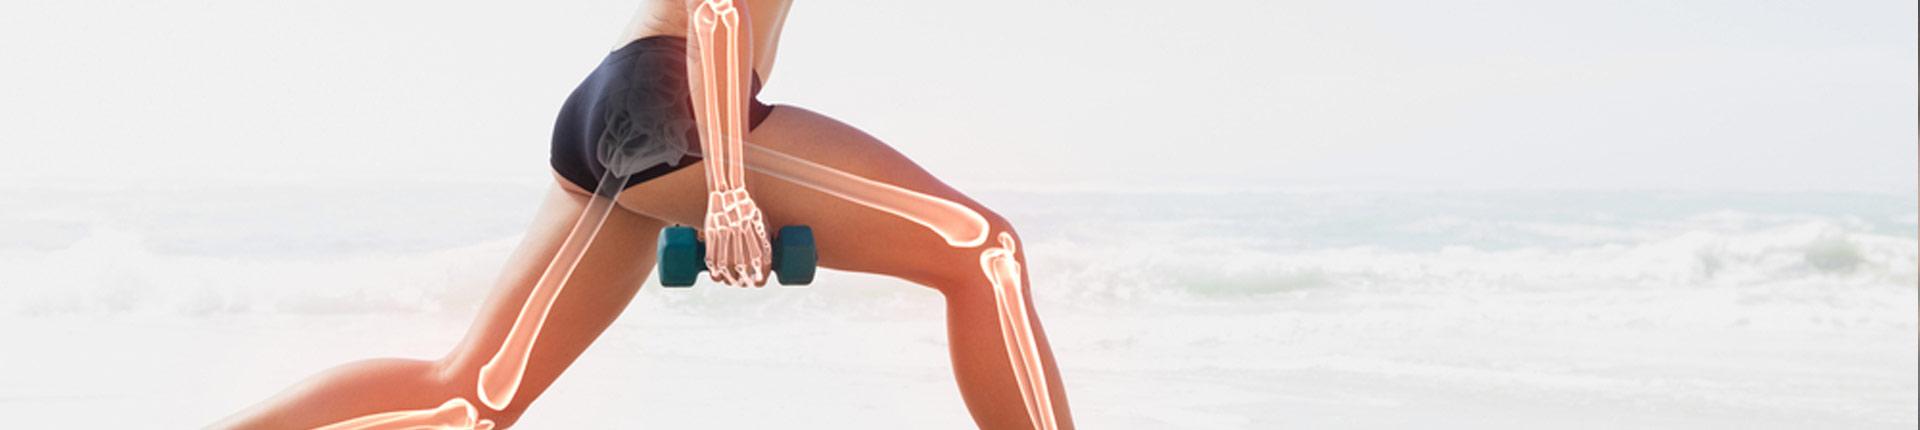 Jak poprawić stan i gęstość kości? Co warto wiedzieć?